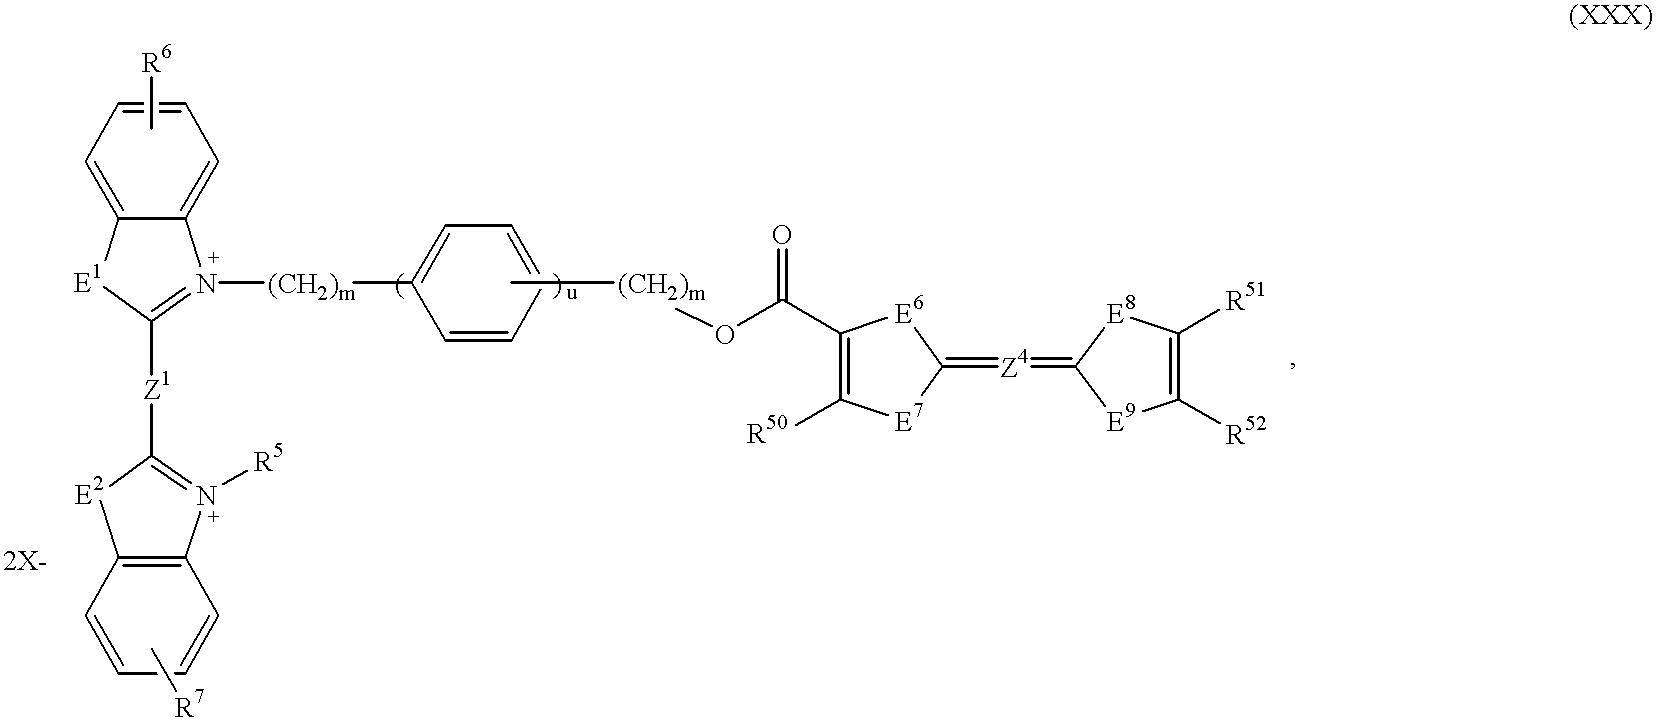 Figure US06183878-20010206-C00057